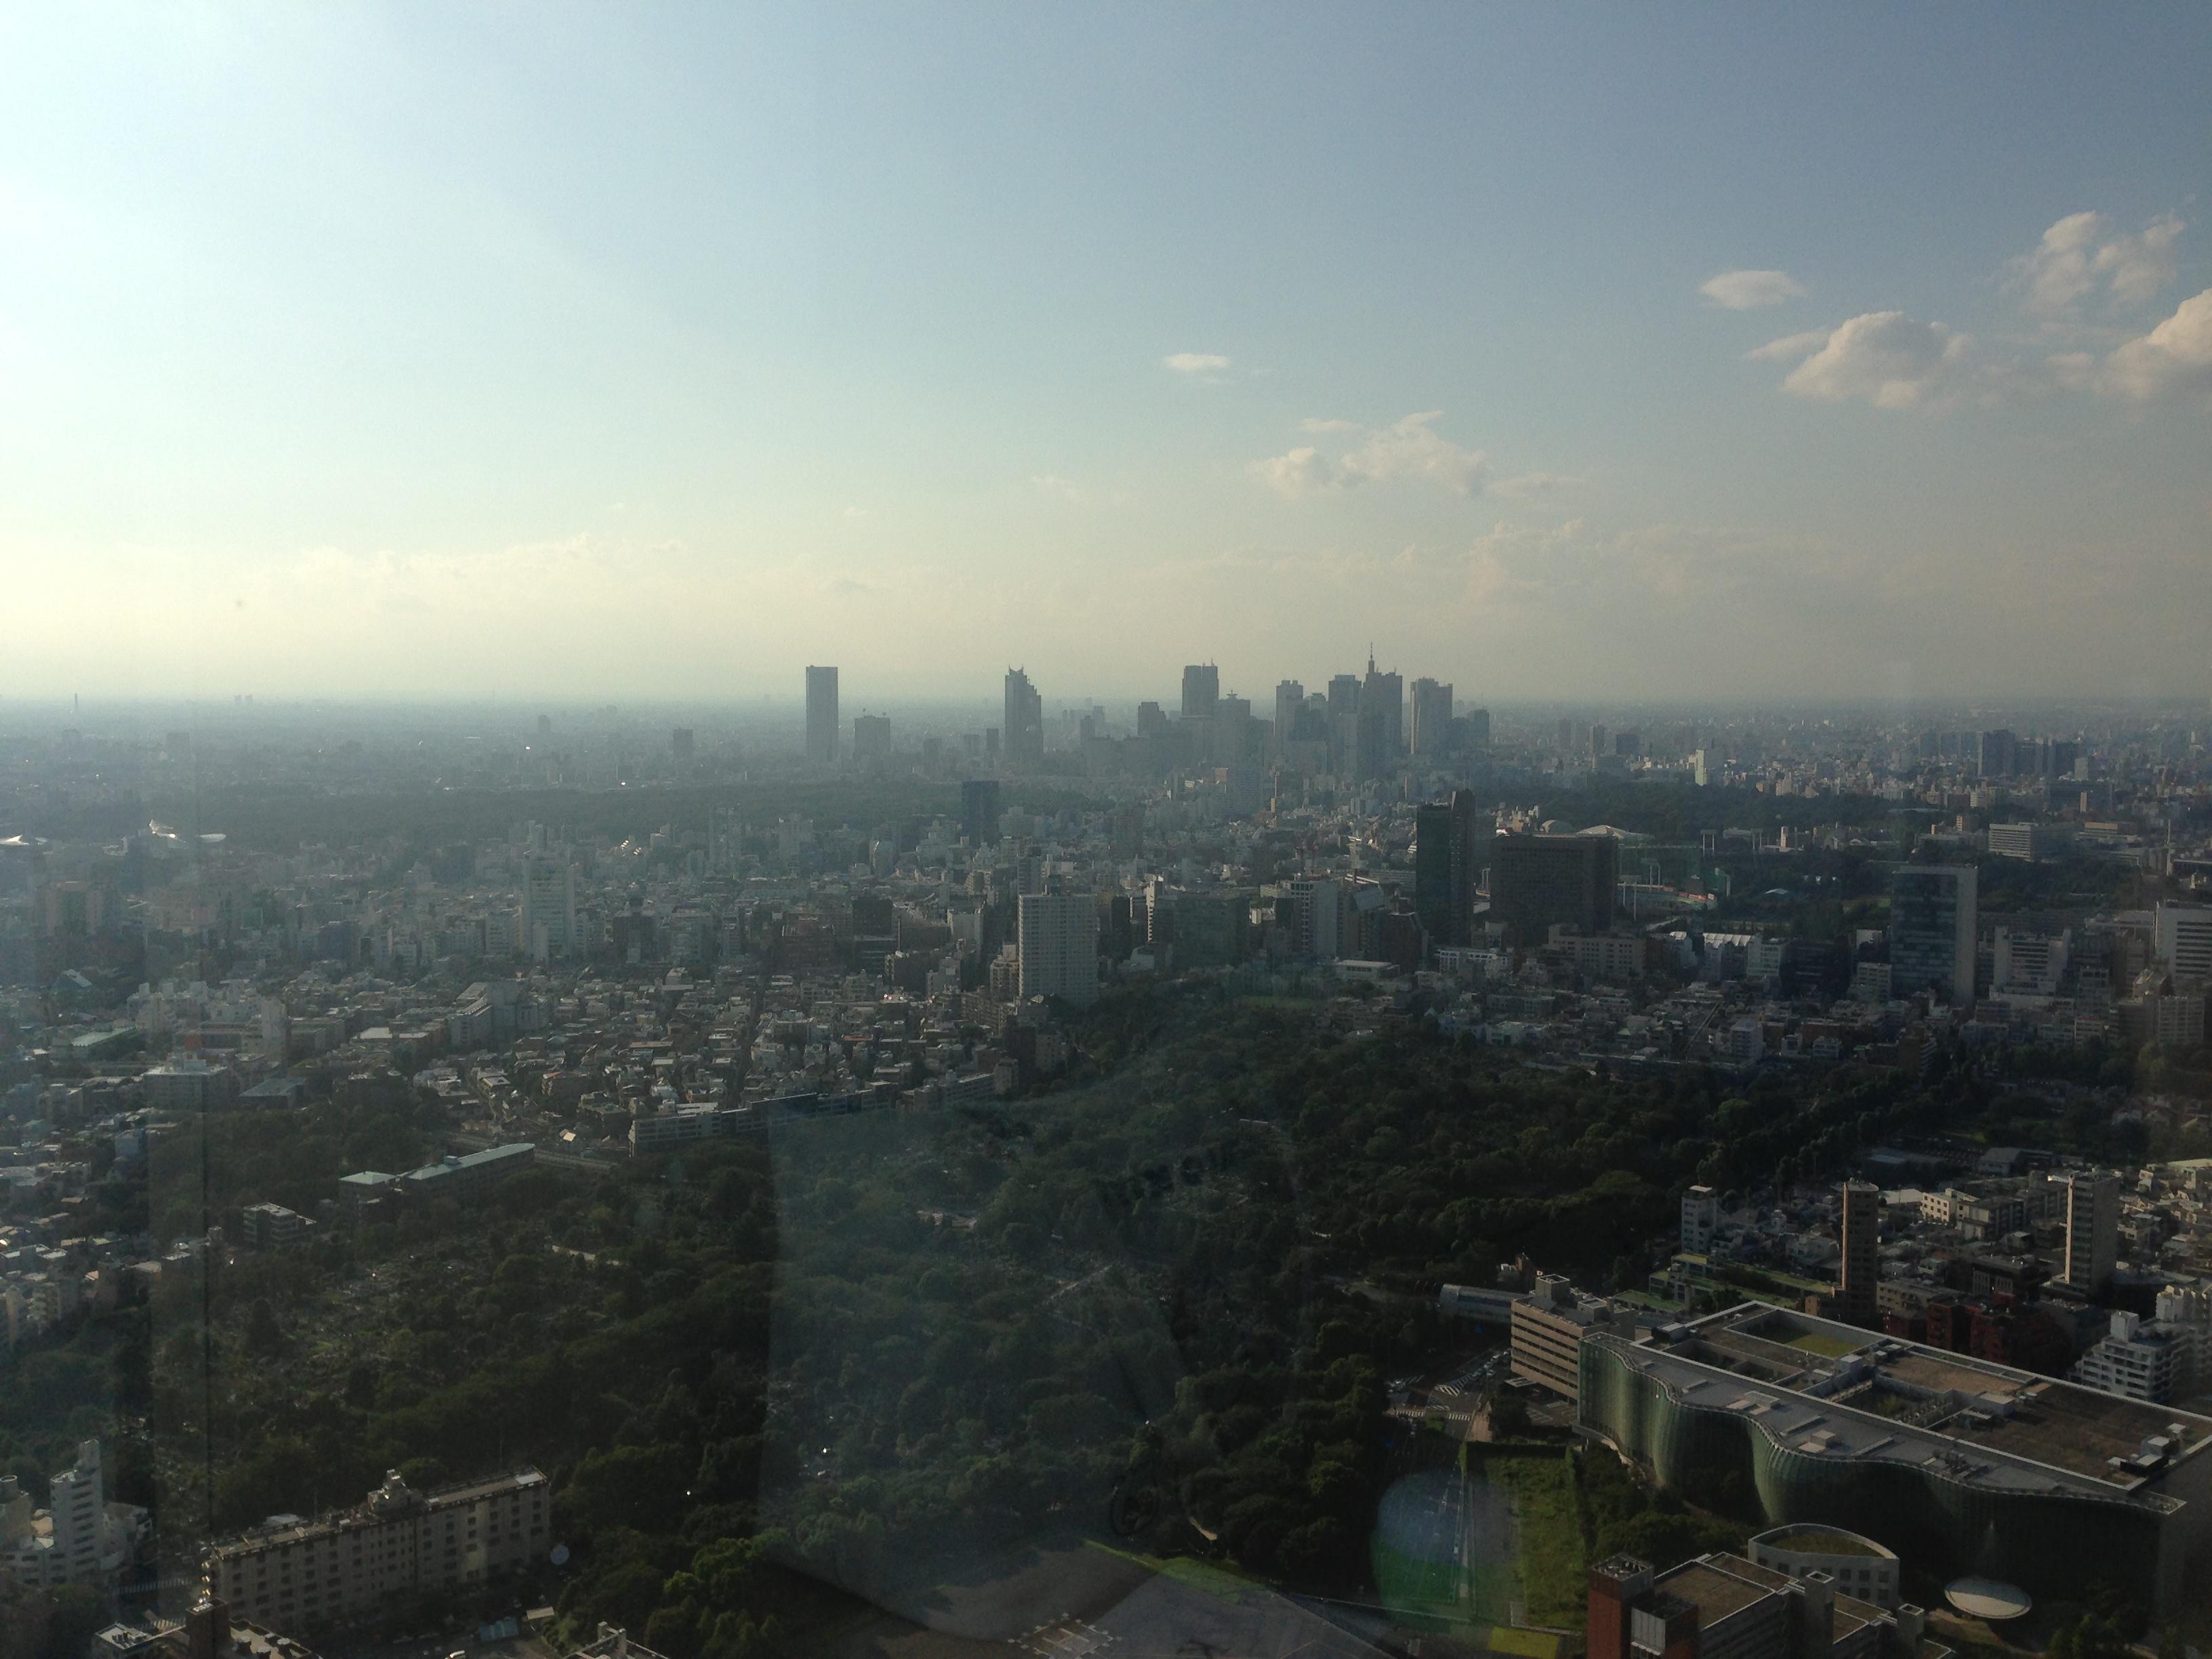 六本木ヒルズから見る新宿方面